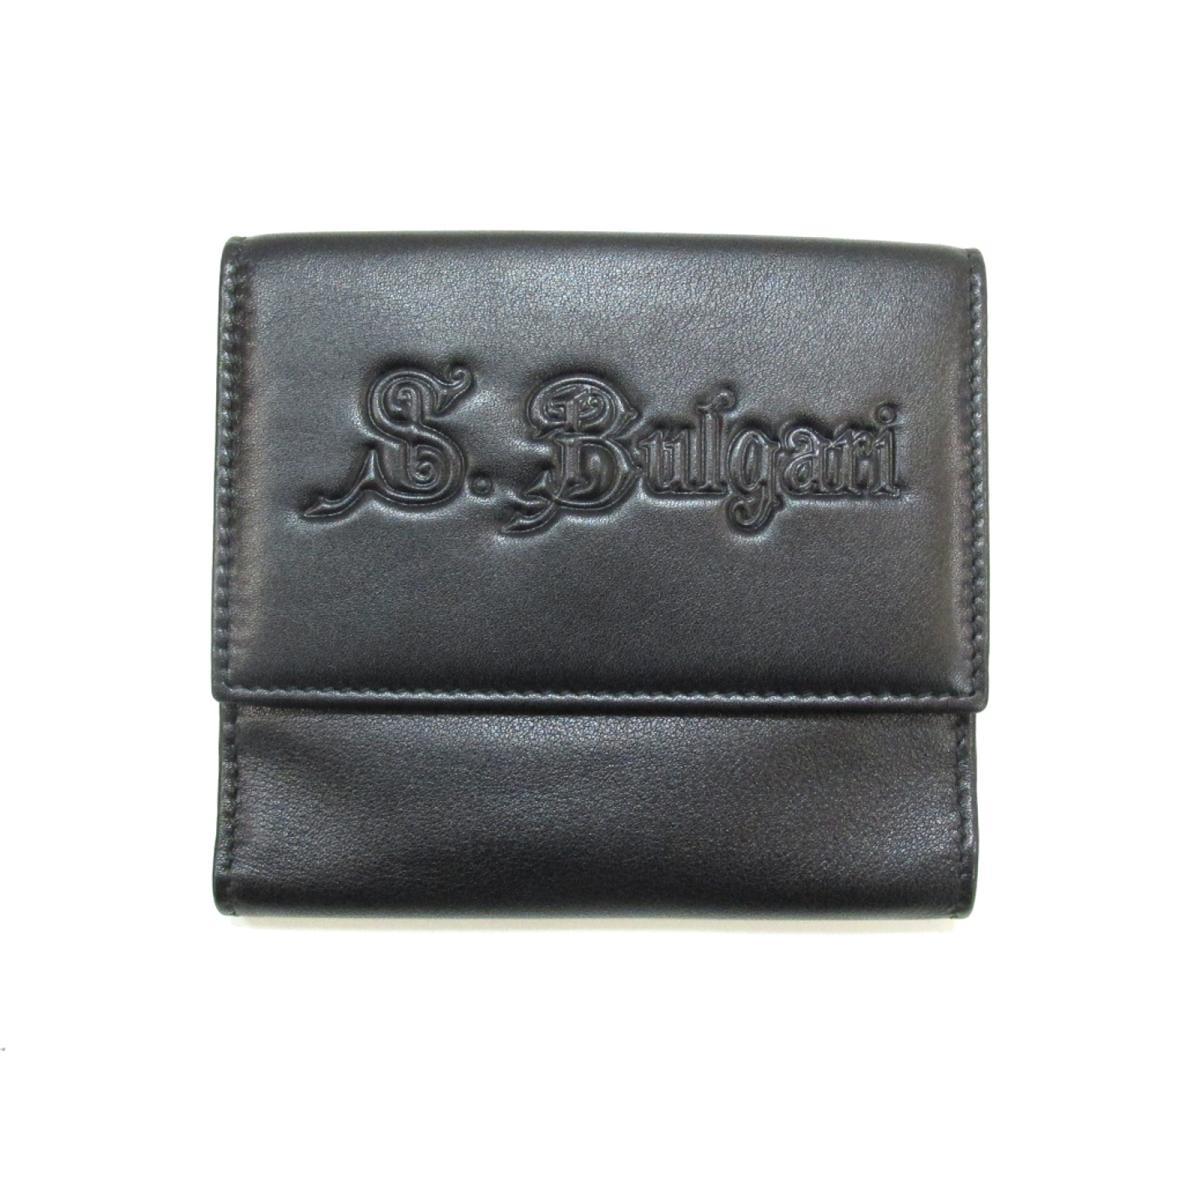 【中古】ブルガリ Wホック財布 二つ折り財布 ユニセックス レザー ブラック